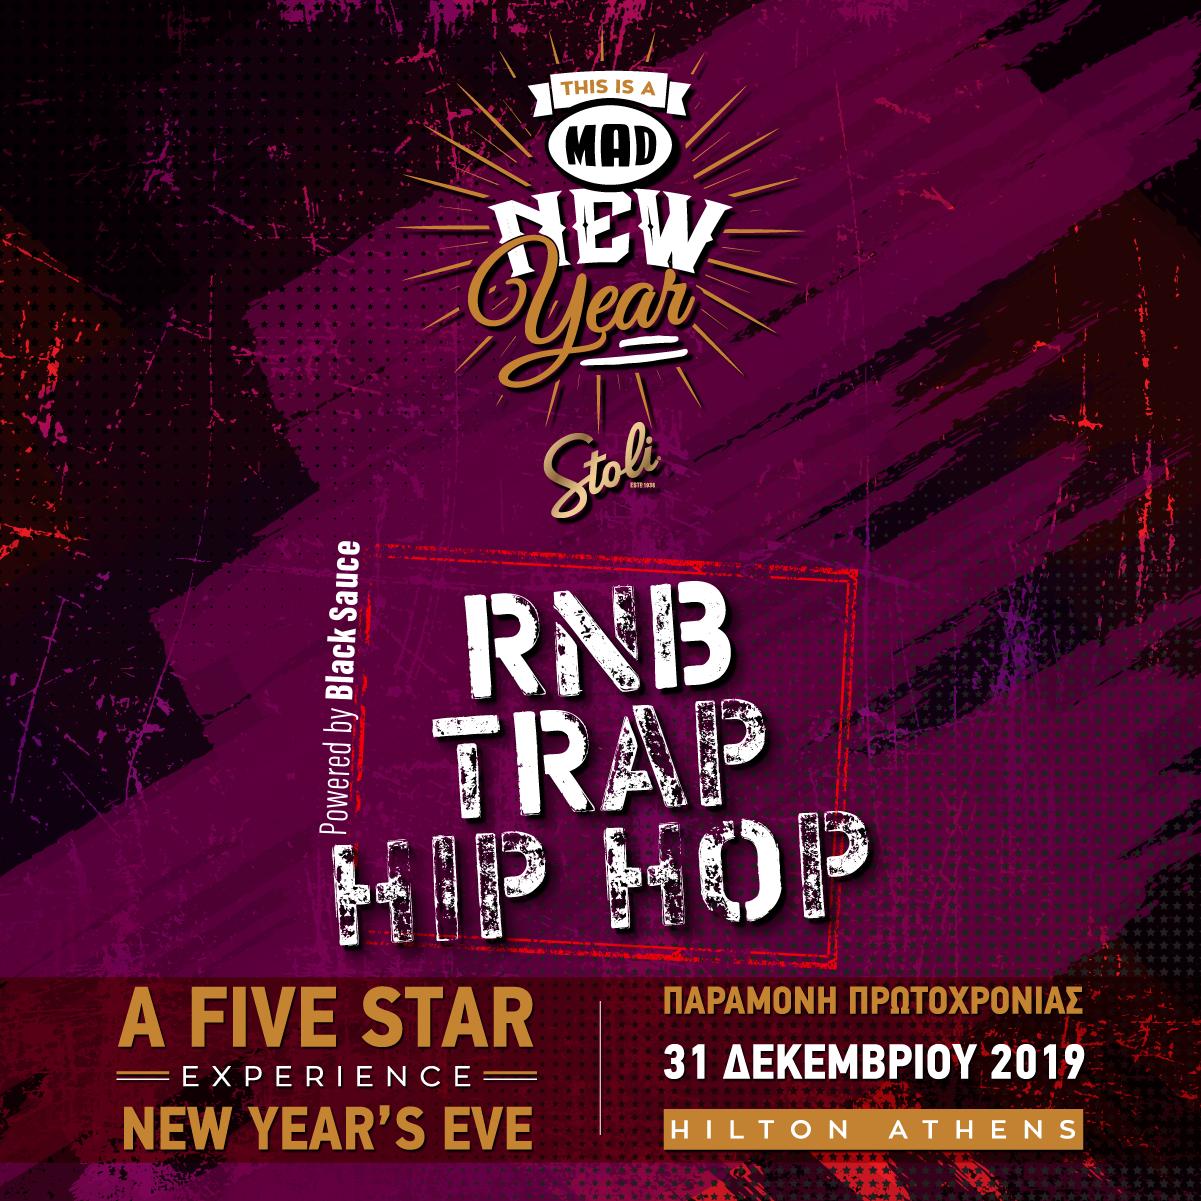 κορυφαίοιRnb – Hip Hop & Trap Music Djs καιMc'sέρχονται να απογειώσουν το αθηναϊκό κοινό